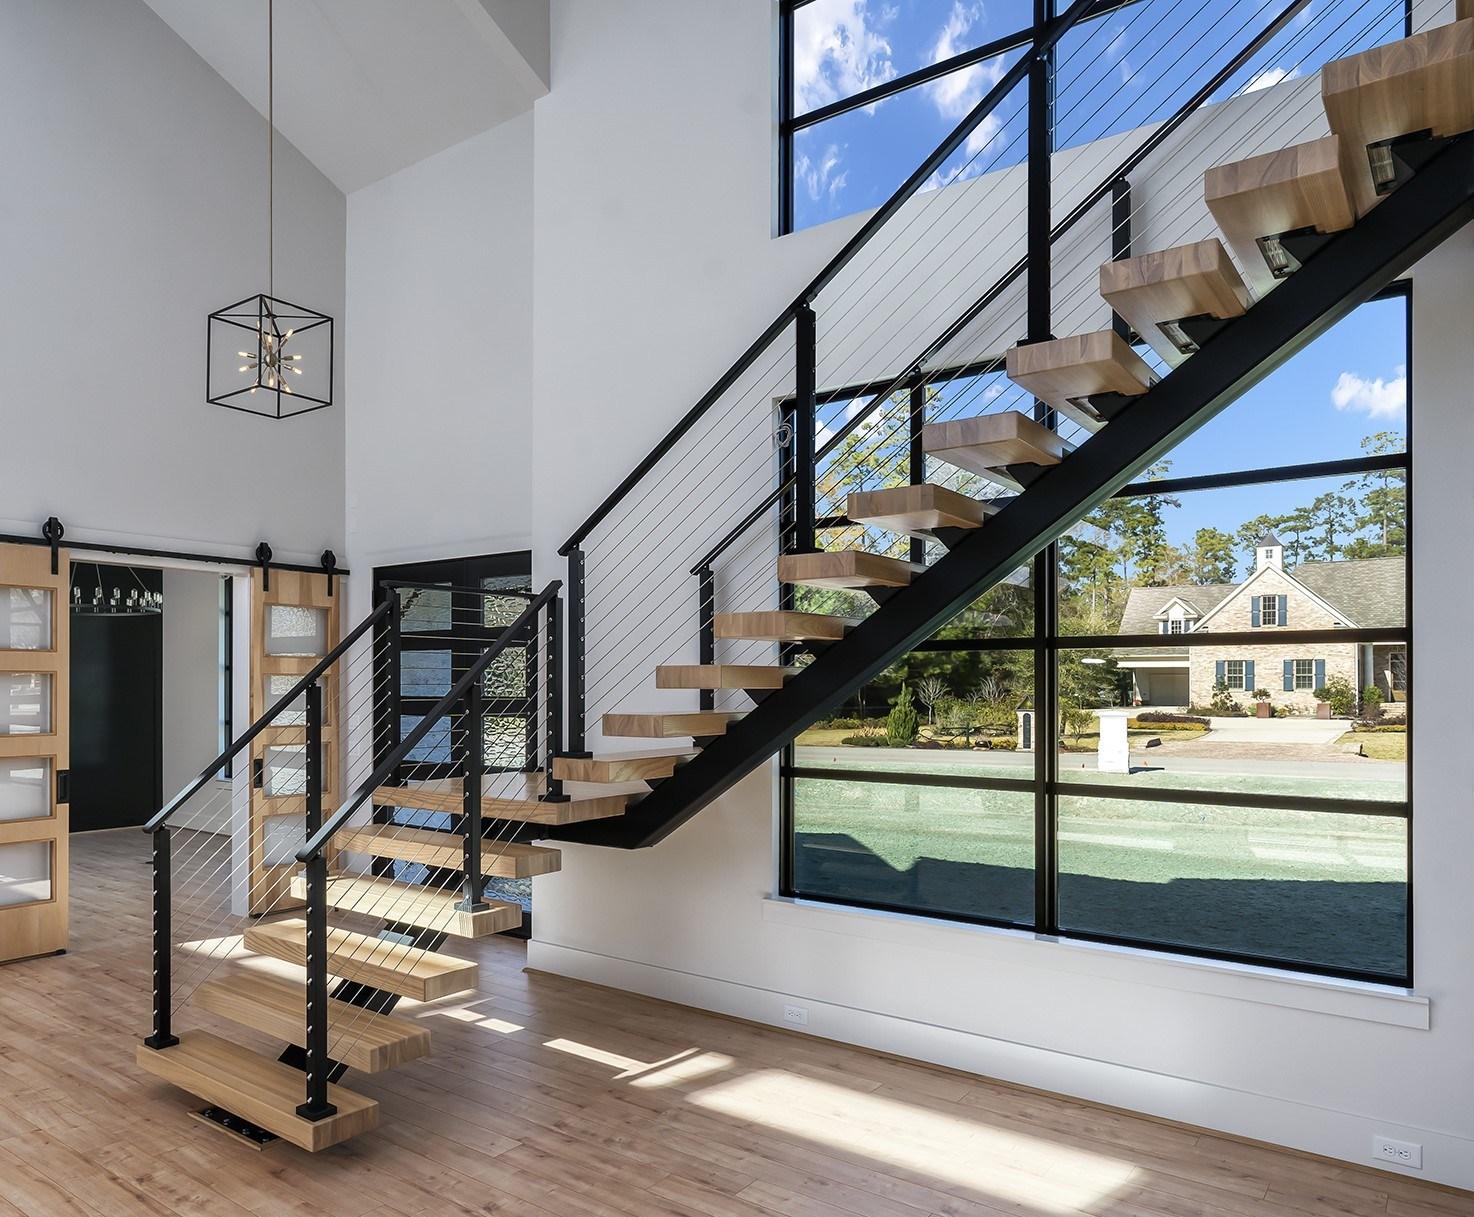 Steel Stairs Prefabricated Diy Metal Stairs Viewrail | Glass Stair Treads Cost | Floating | Steel | Handrail | Hardwood | Wood